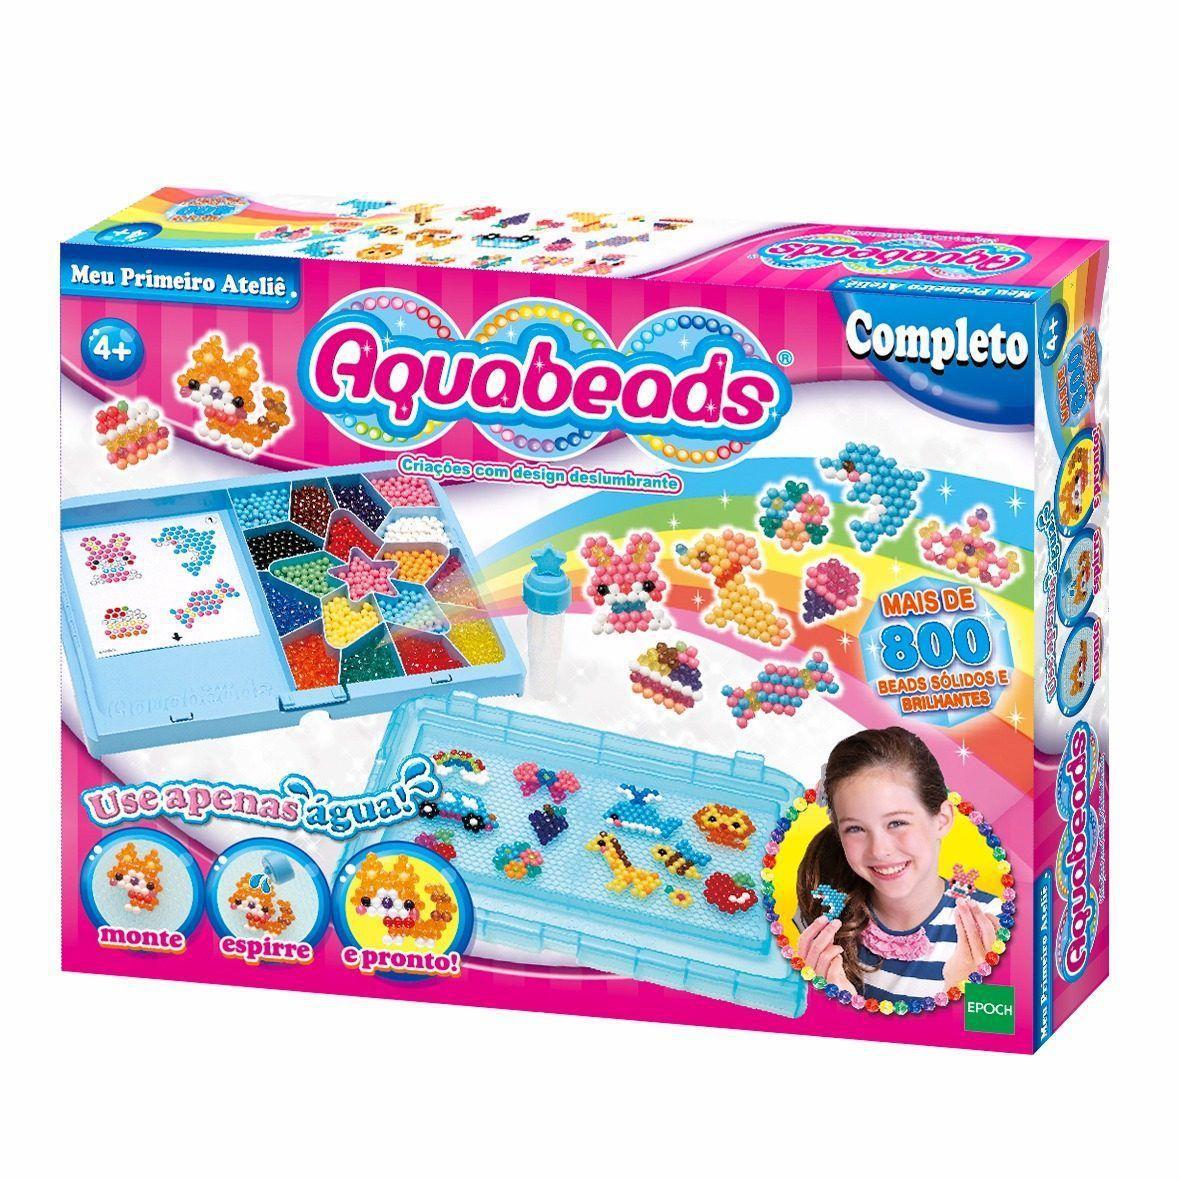 Conjunto Aquabeads - Meu Primeiro Atelie - Epoch